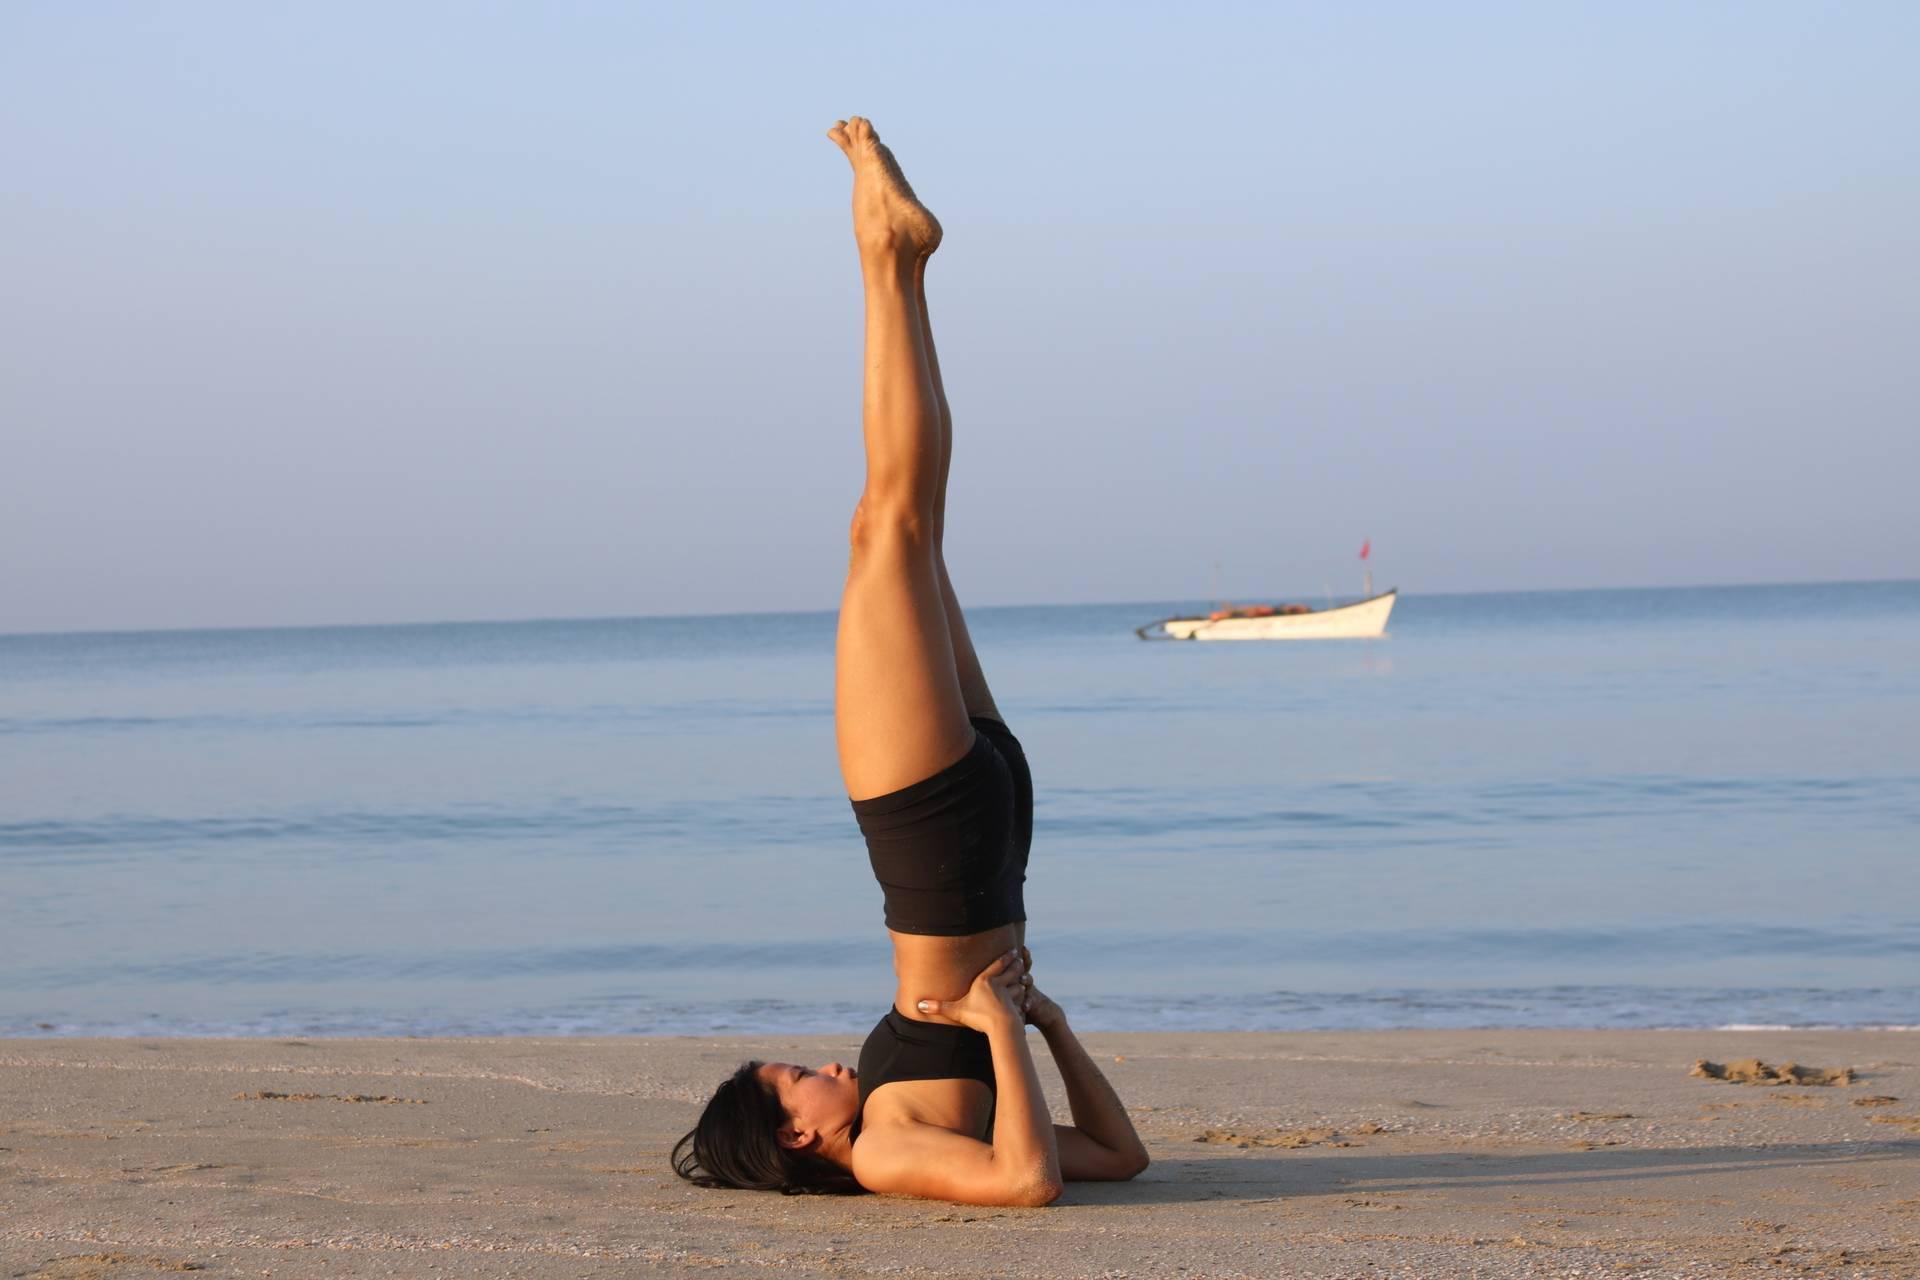 Йога для начинающих: 7 упражнений, которые легко сделать дома